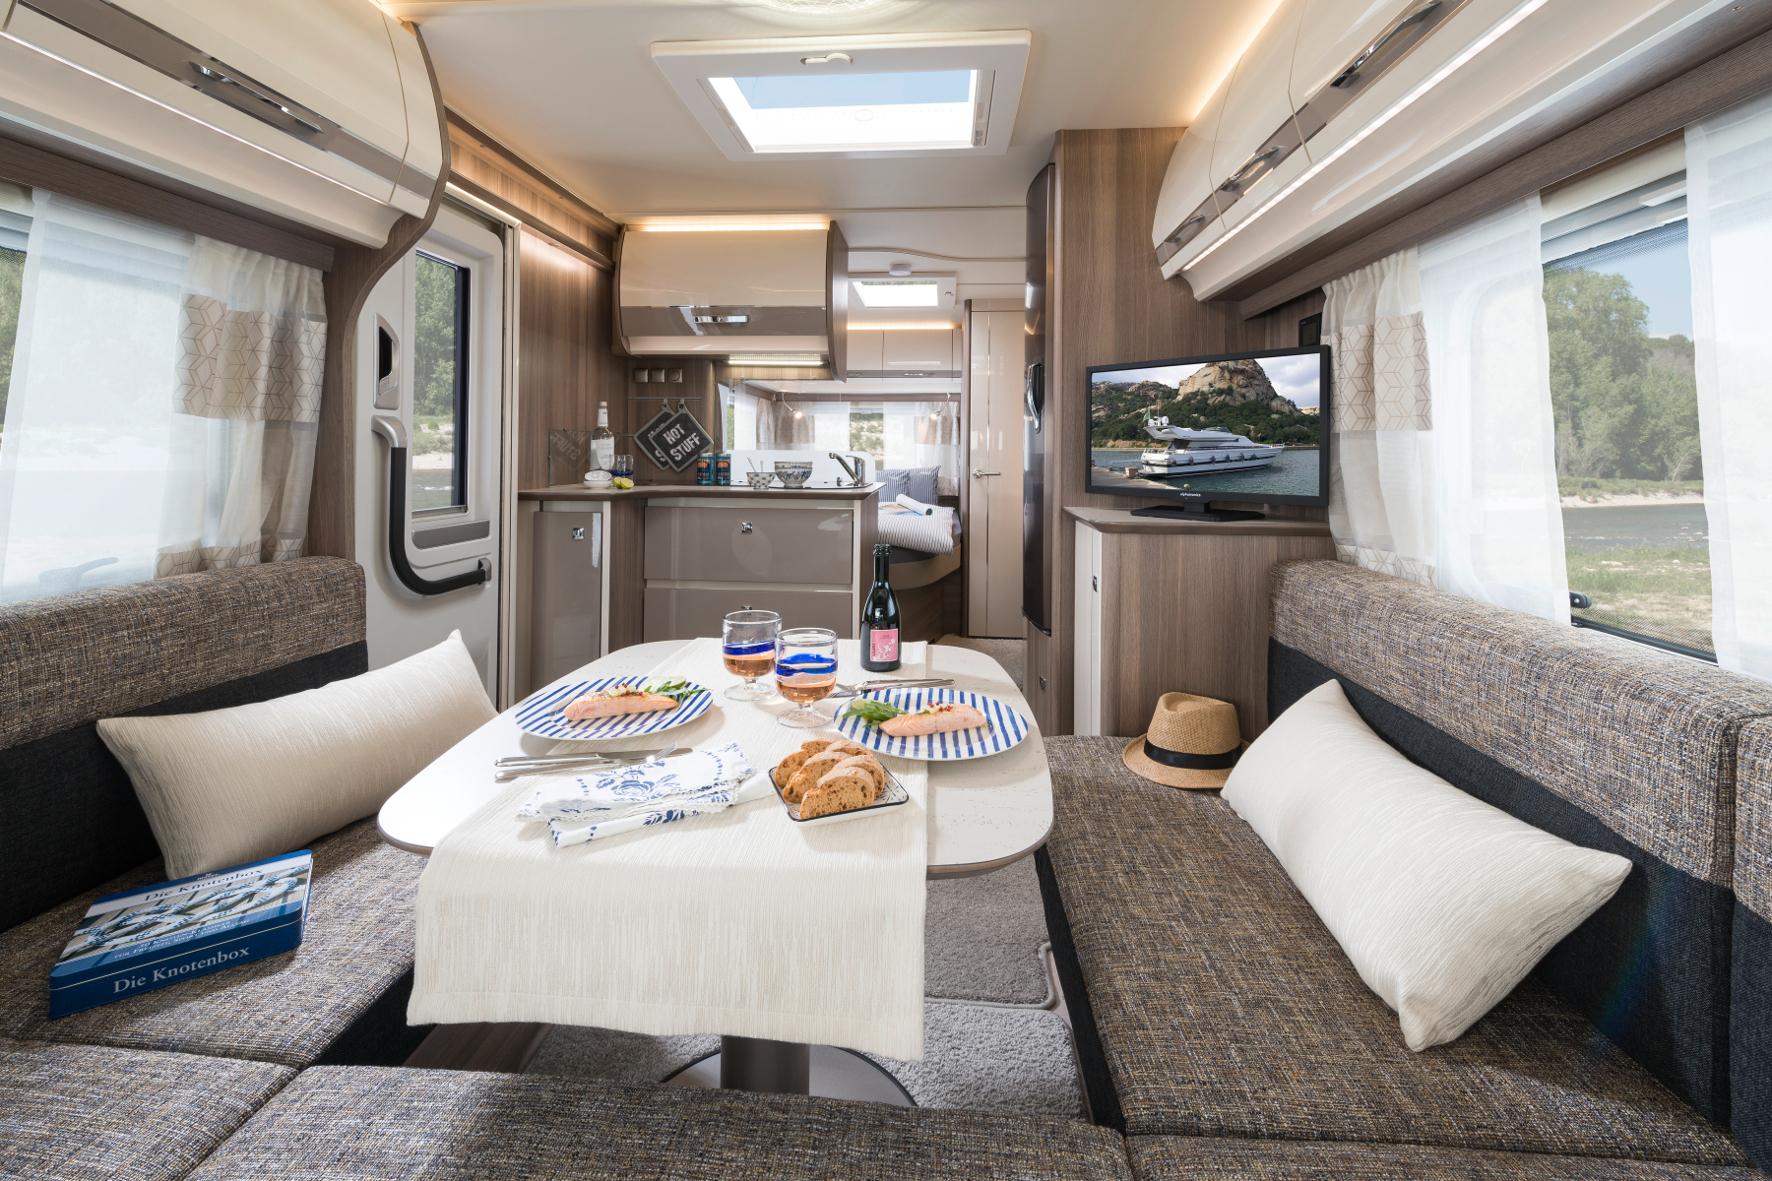 Wohnwagen Mit Etagenbett Fendt : Der caravan salon teil 1 und seine wohnwagen u2013 die testfahrer